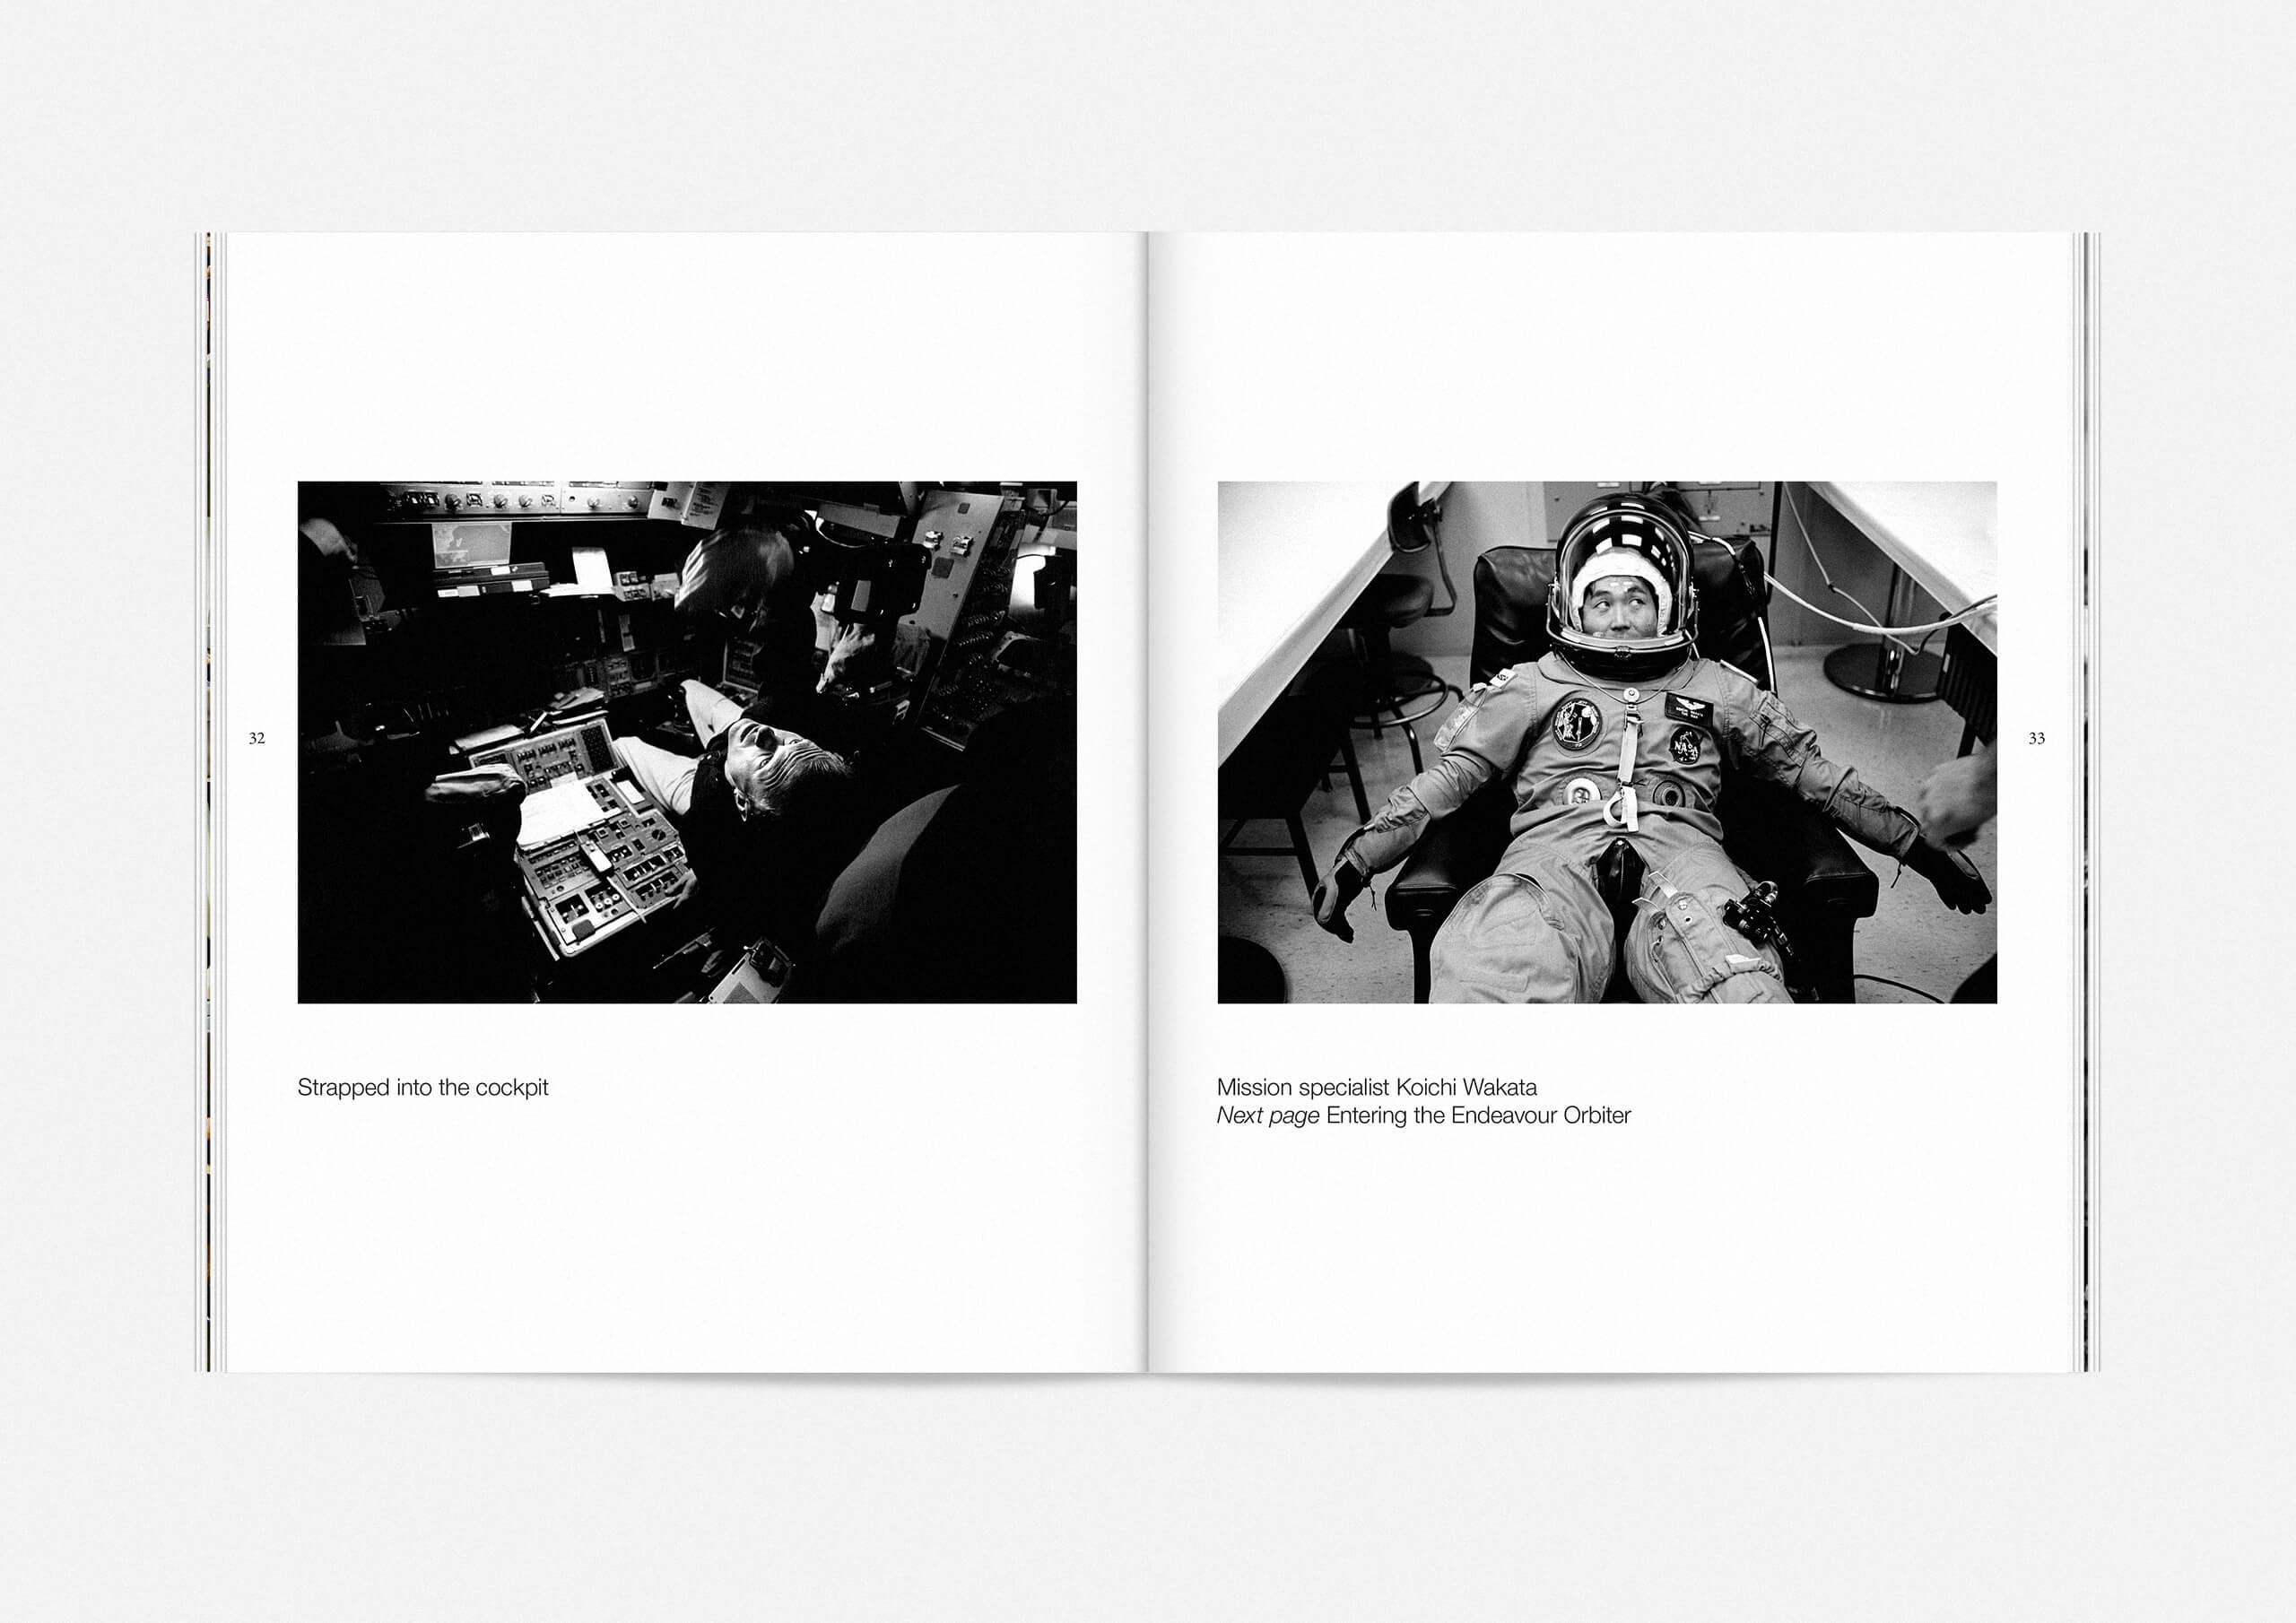 https://neuegestaltung.de/media/pages/clients/teller-magazine-issue-2/2931262b7c-1597415082/teller_issue_02_innenseite_32_33_ng.jpg